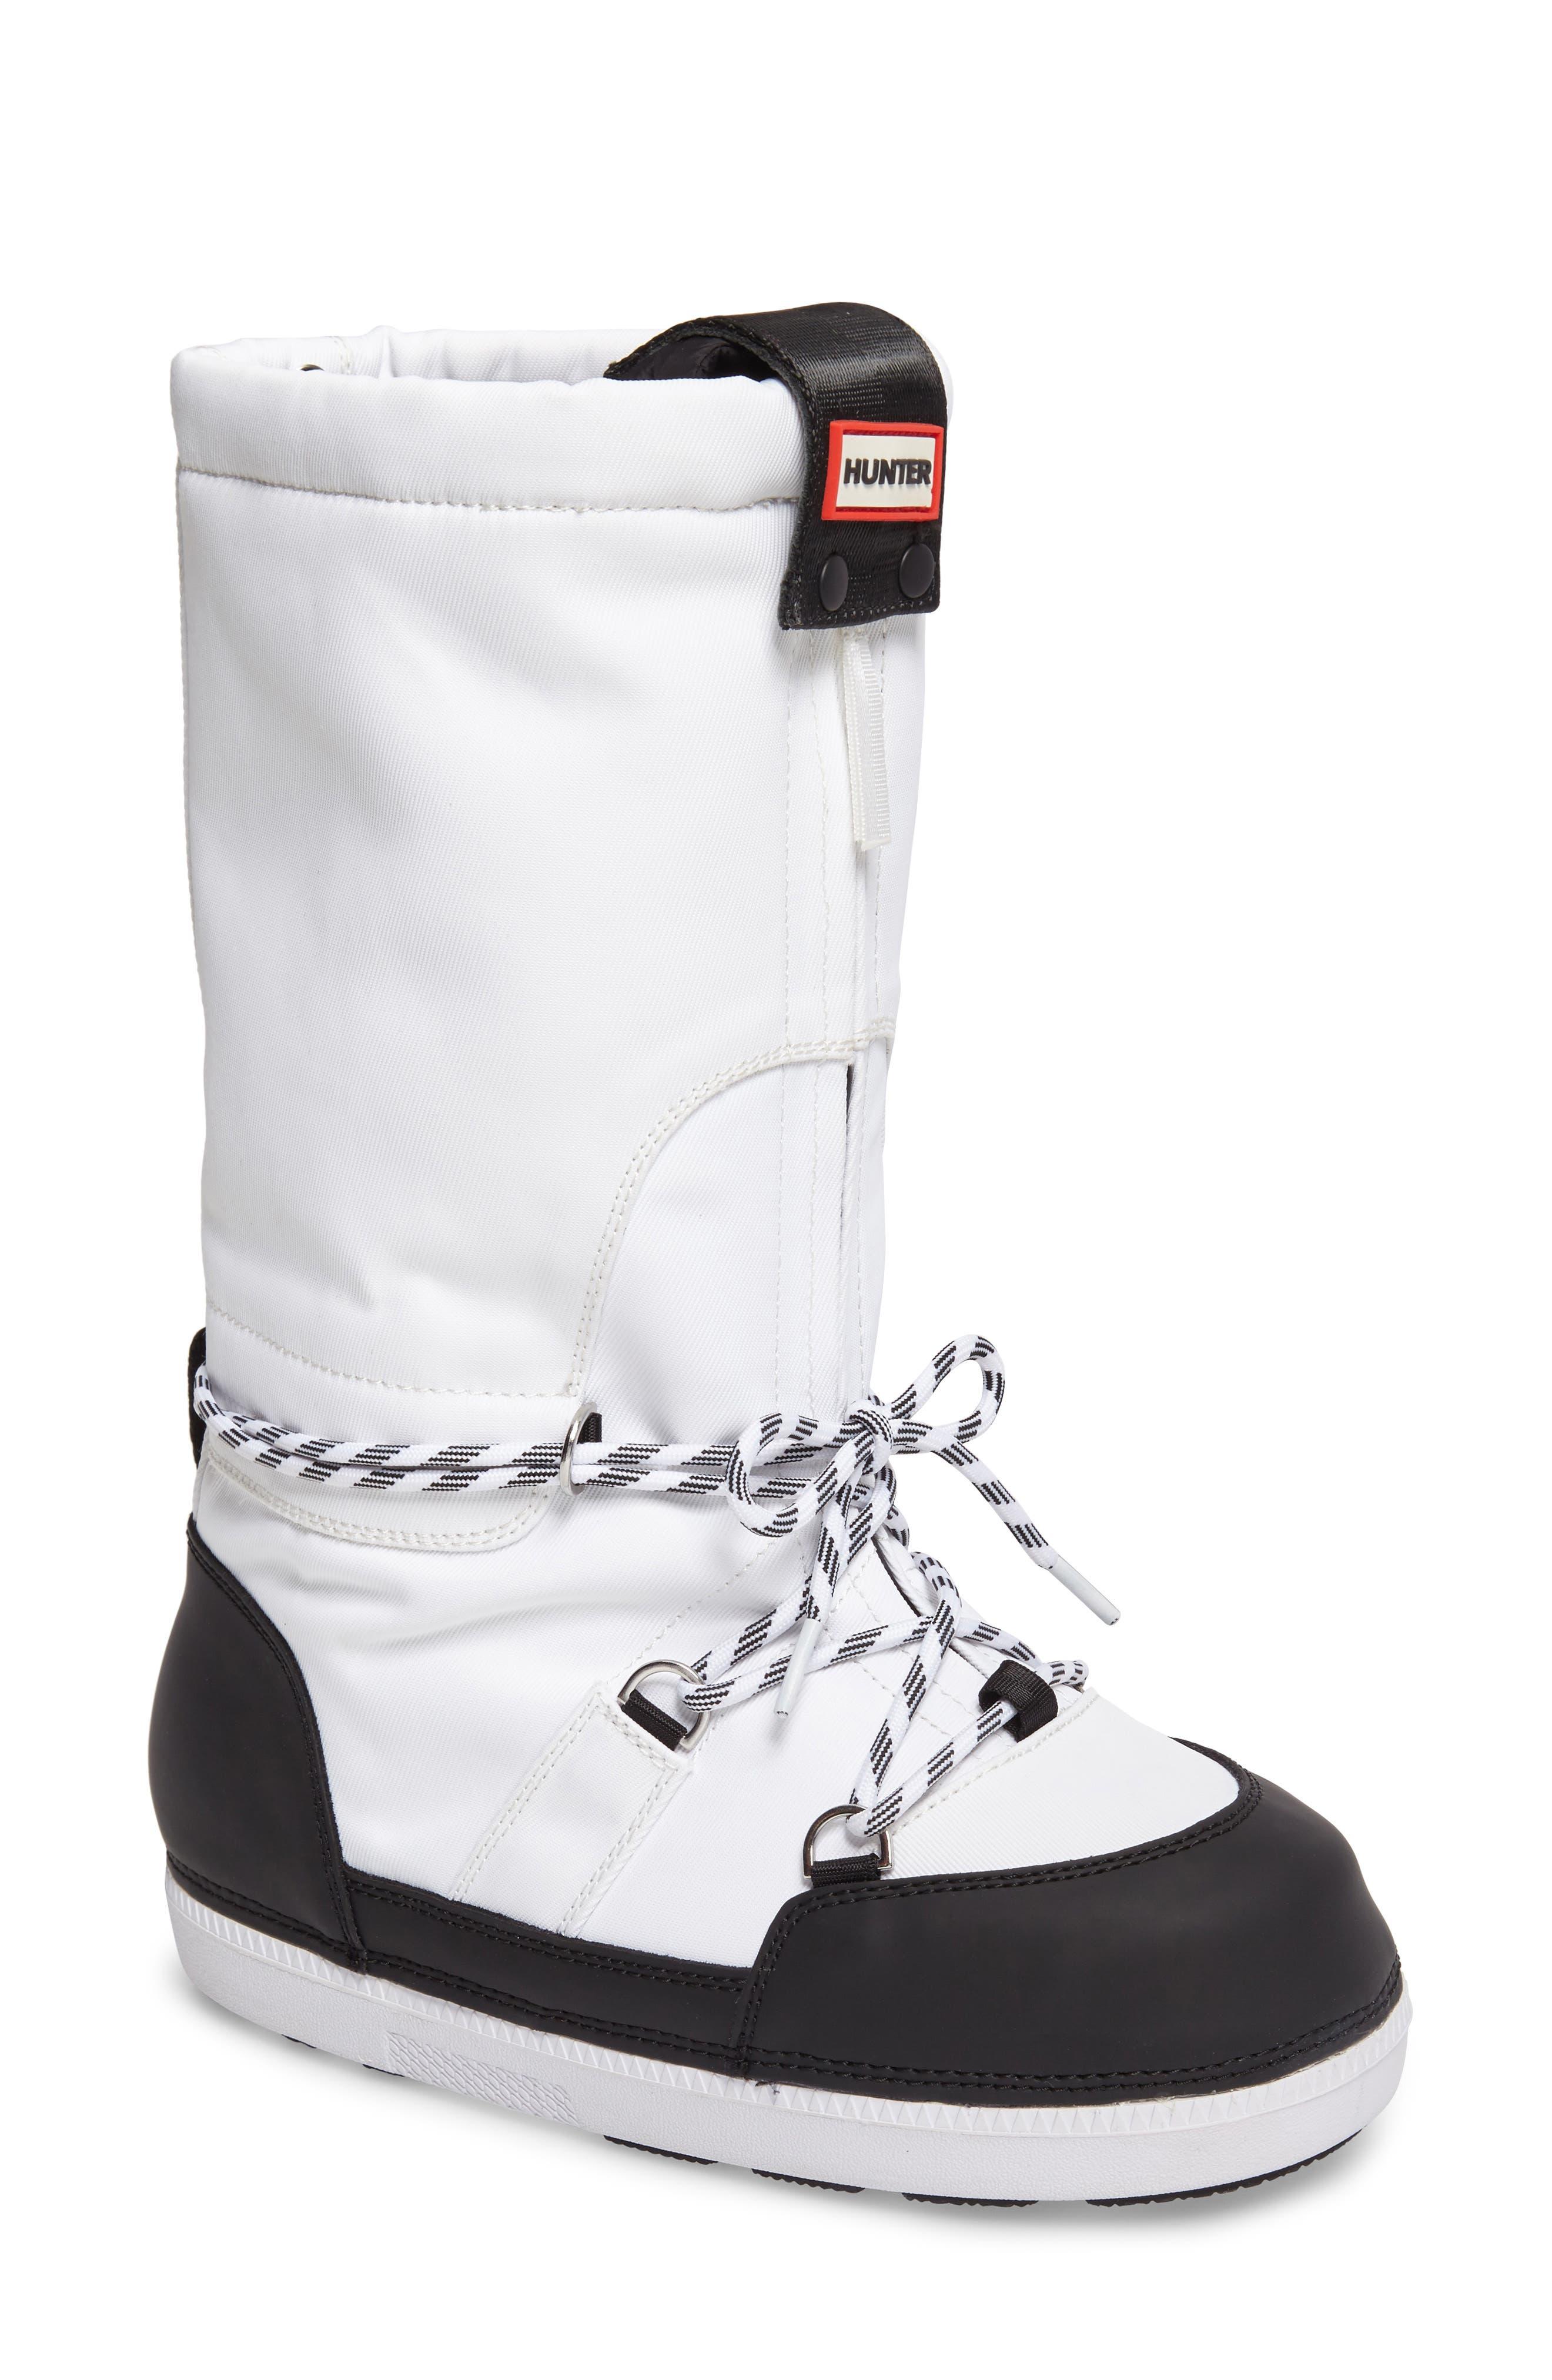 Alternate Image 1 Selected - Hunter Original Waterproof Snow Boot (Women)